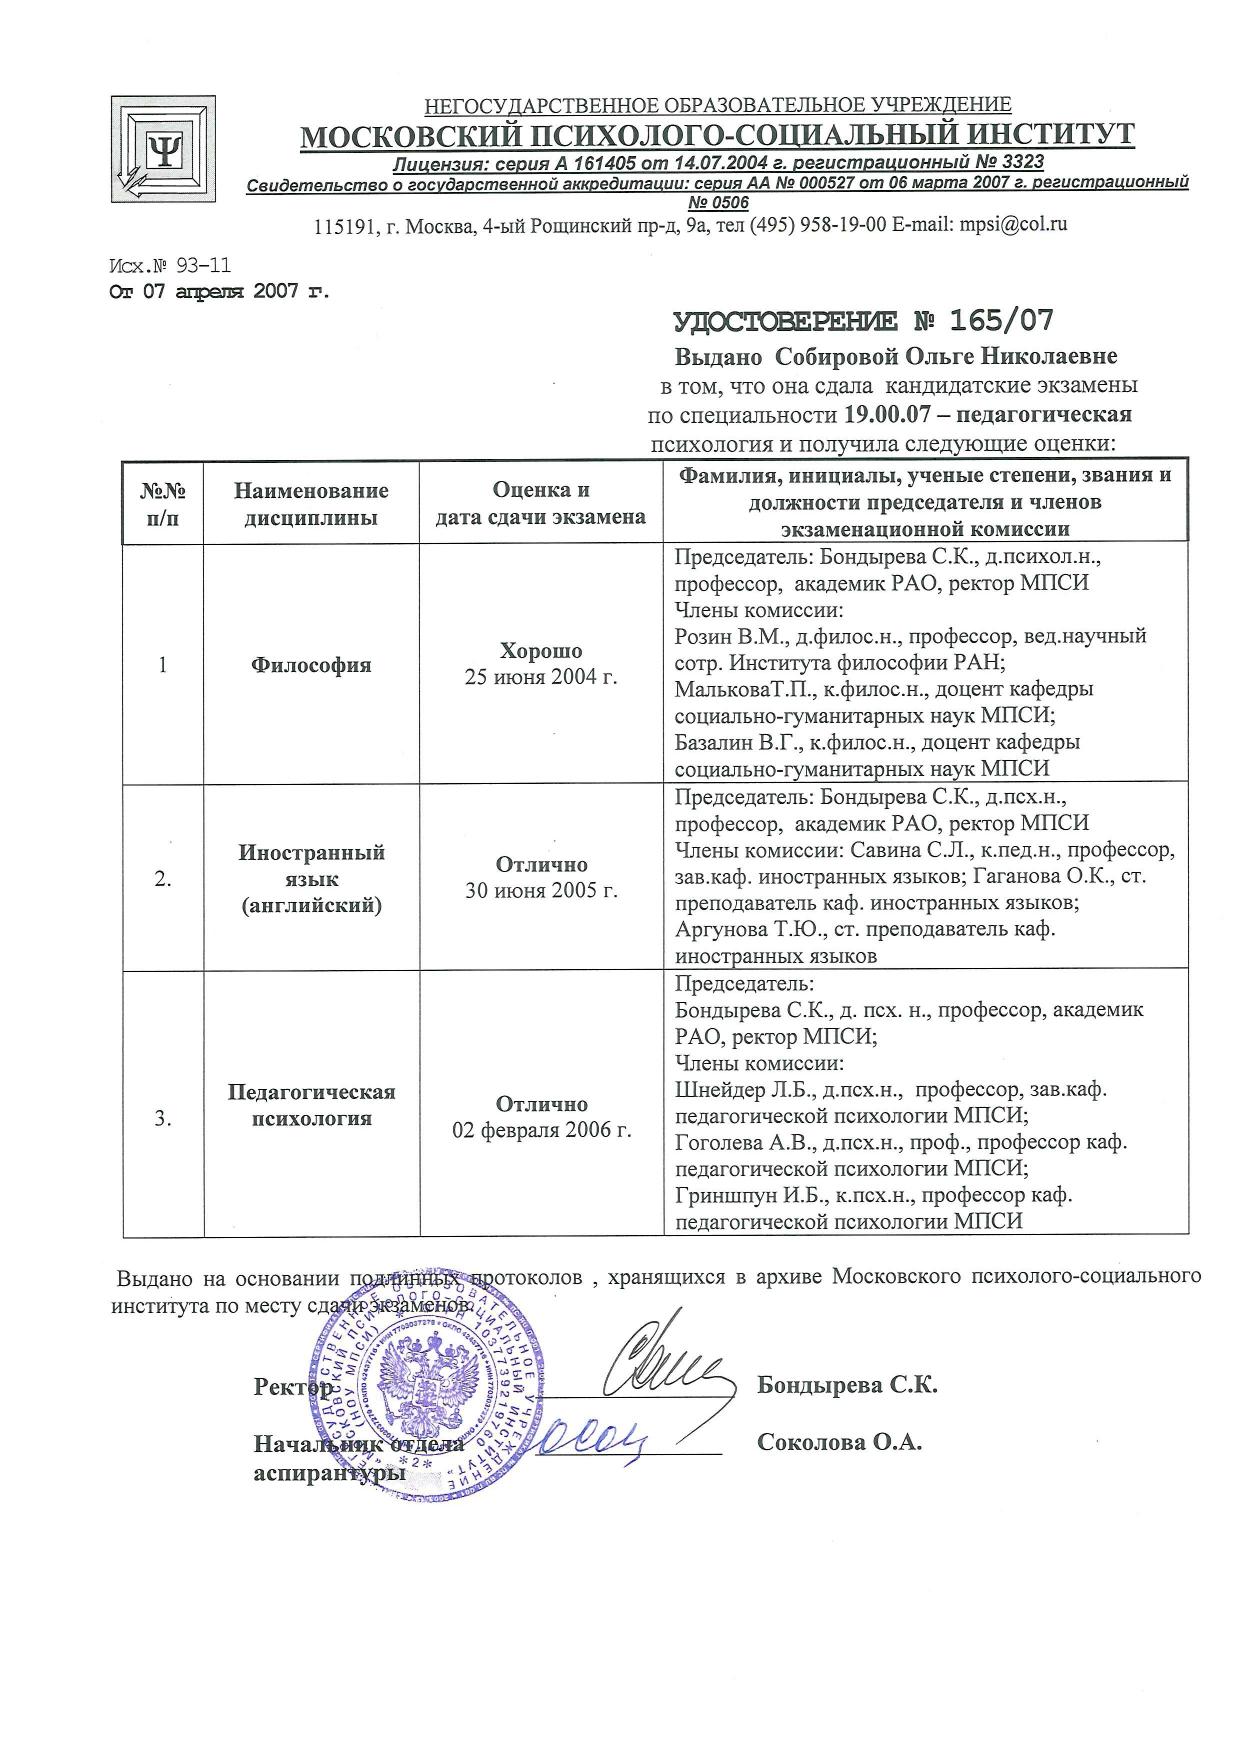 2007 МПСИ КАНДИДАТСКИЕ ЭКЗАМЕНЫ